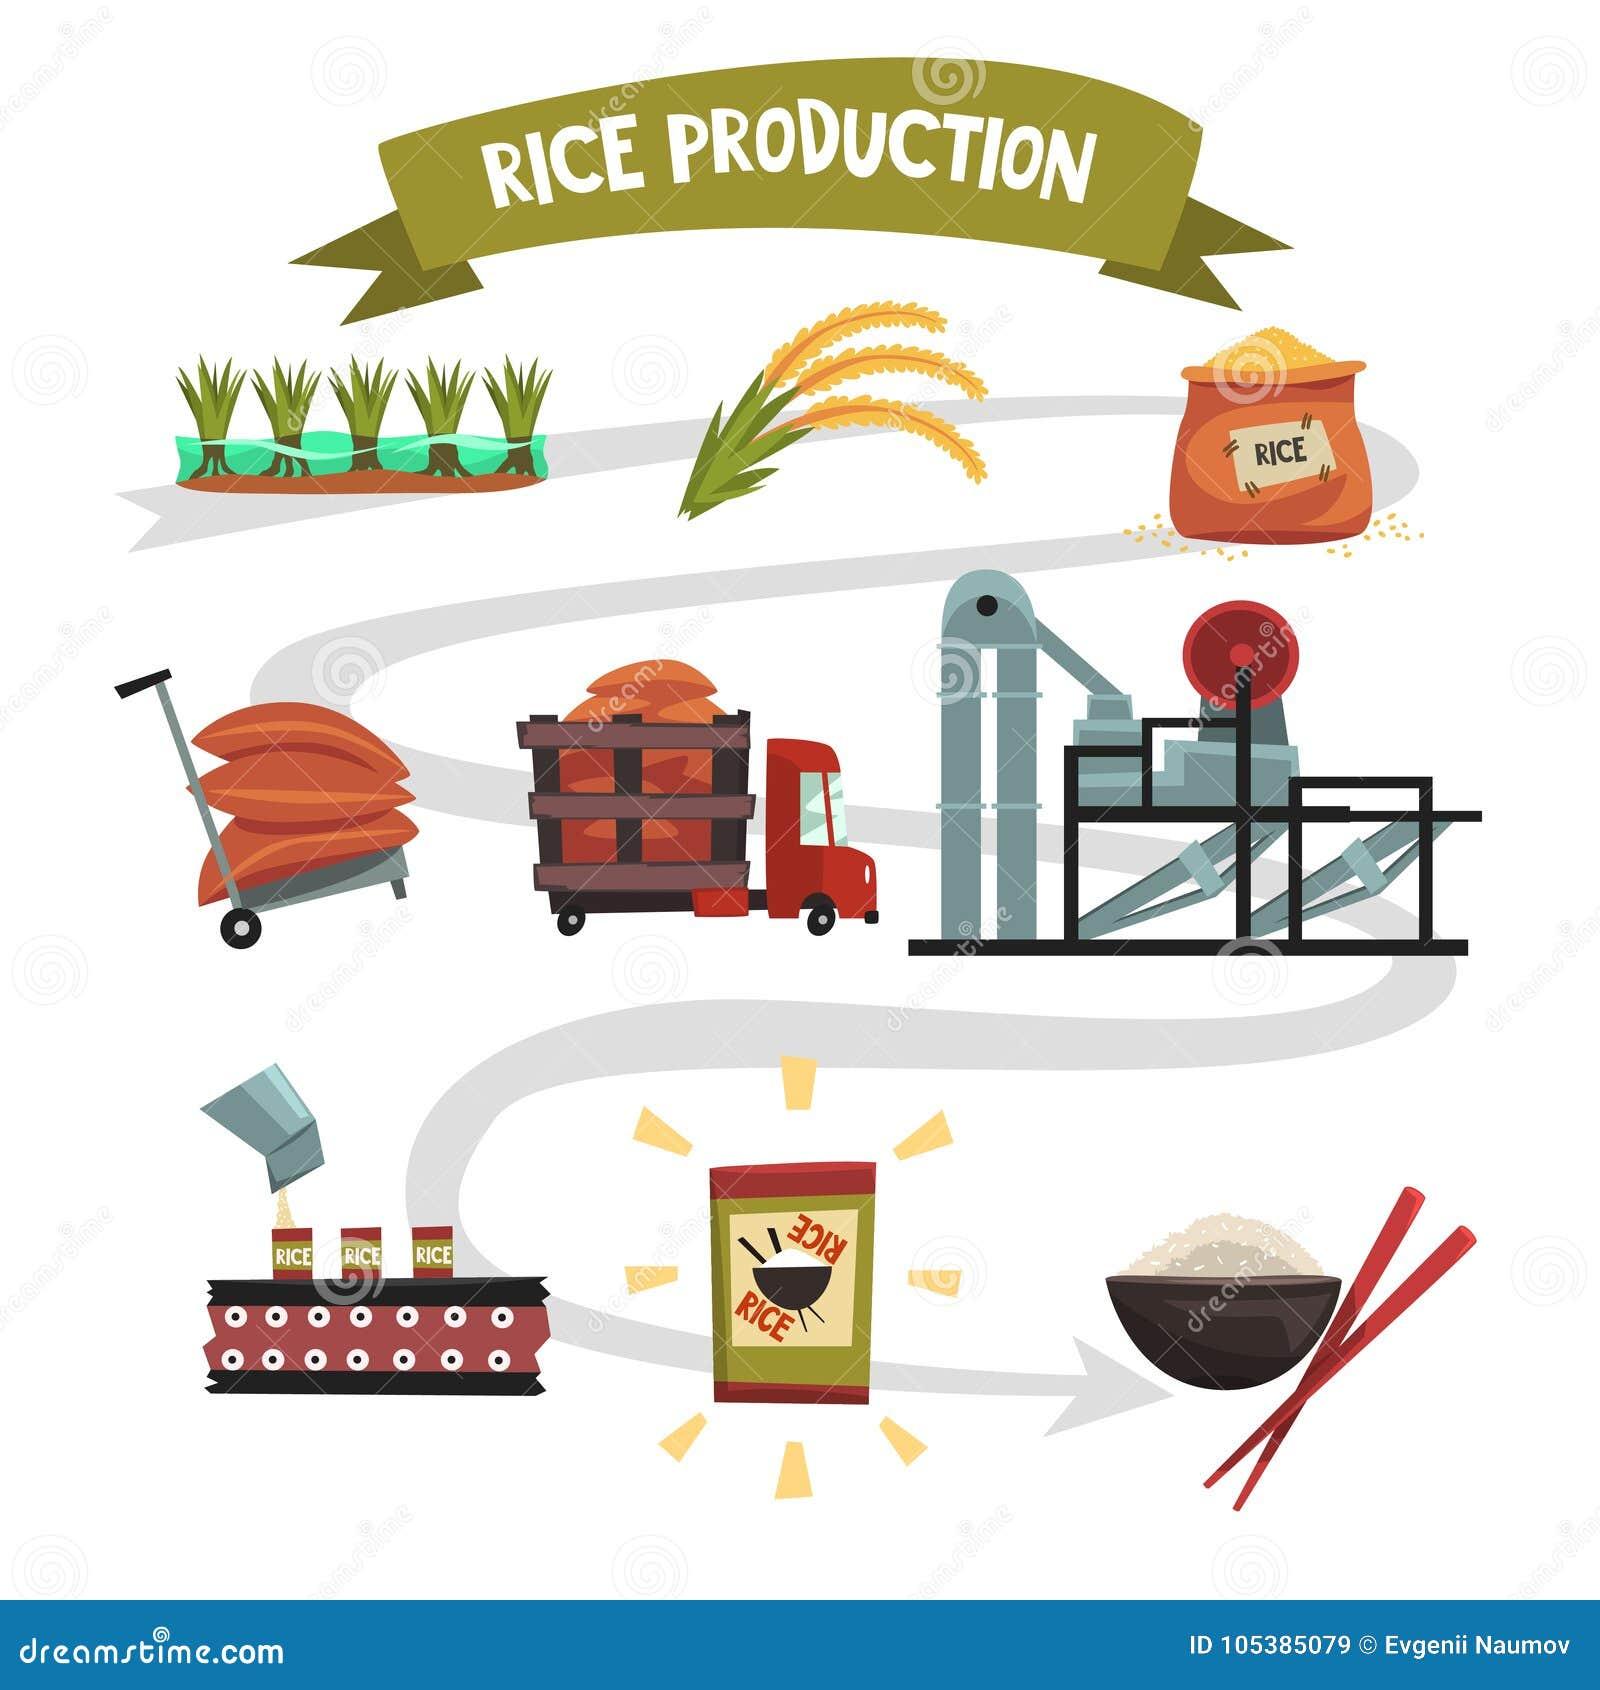 Πρότυπο Infographic της παραγωγής ρυζιού από την καλλιέργεια στην καλλιέργεια ολοκληρωμένων προϊόντων, ξήρανση, συγκομιδή